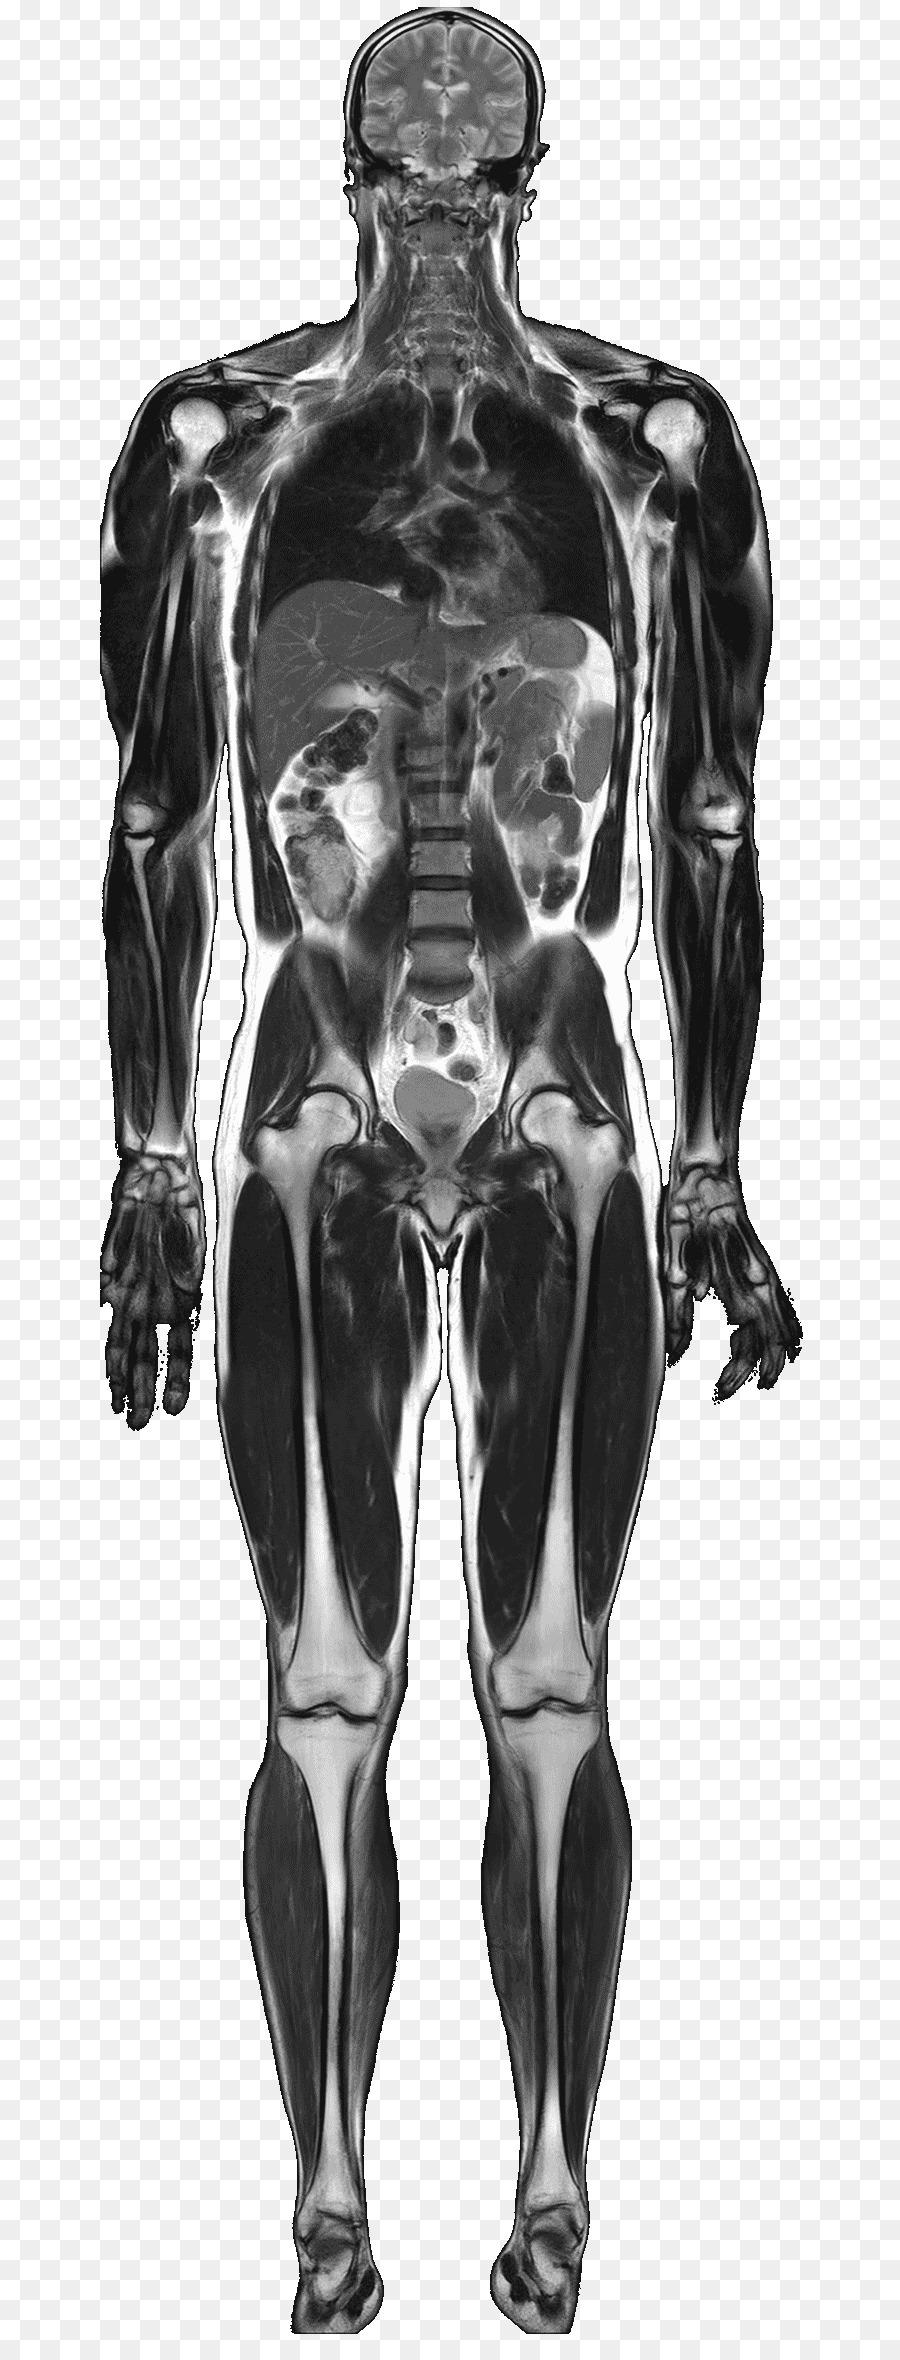 Imágenes de resonancia magnética de imágenes Médicas de la Anatomía ...